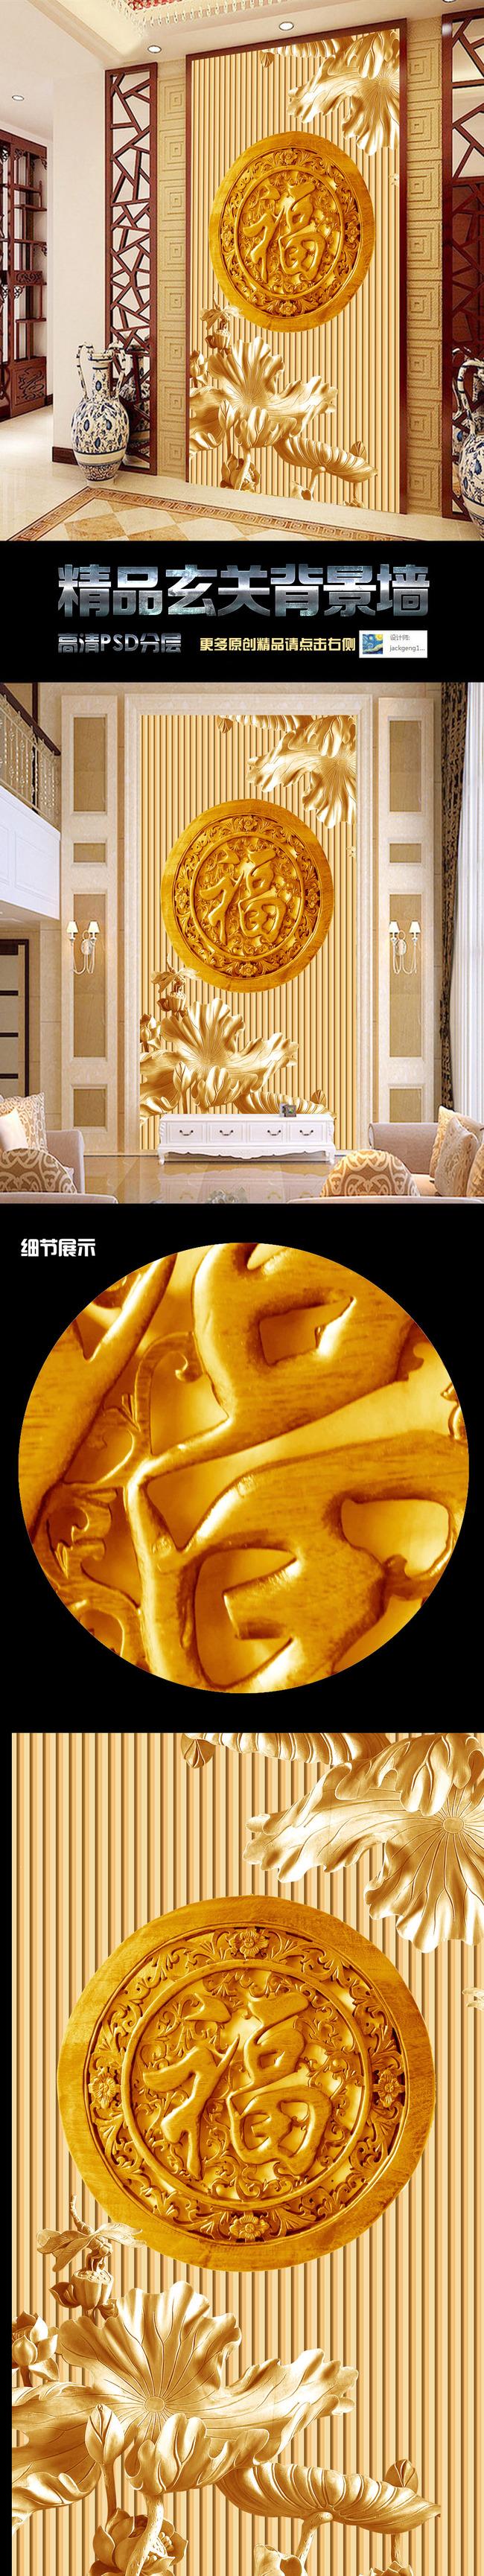 背景墙装饰画 电视 挂画 隔断 立体 3d 古典 百福图 传统木雕 福字